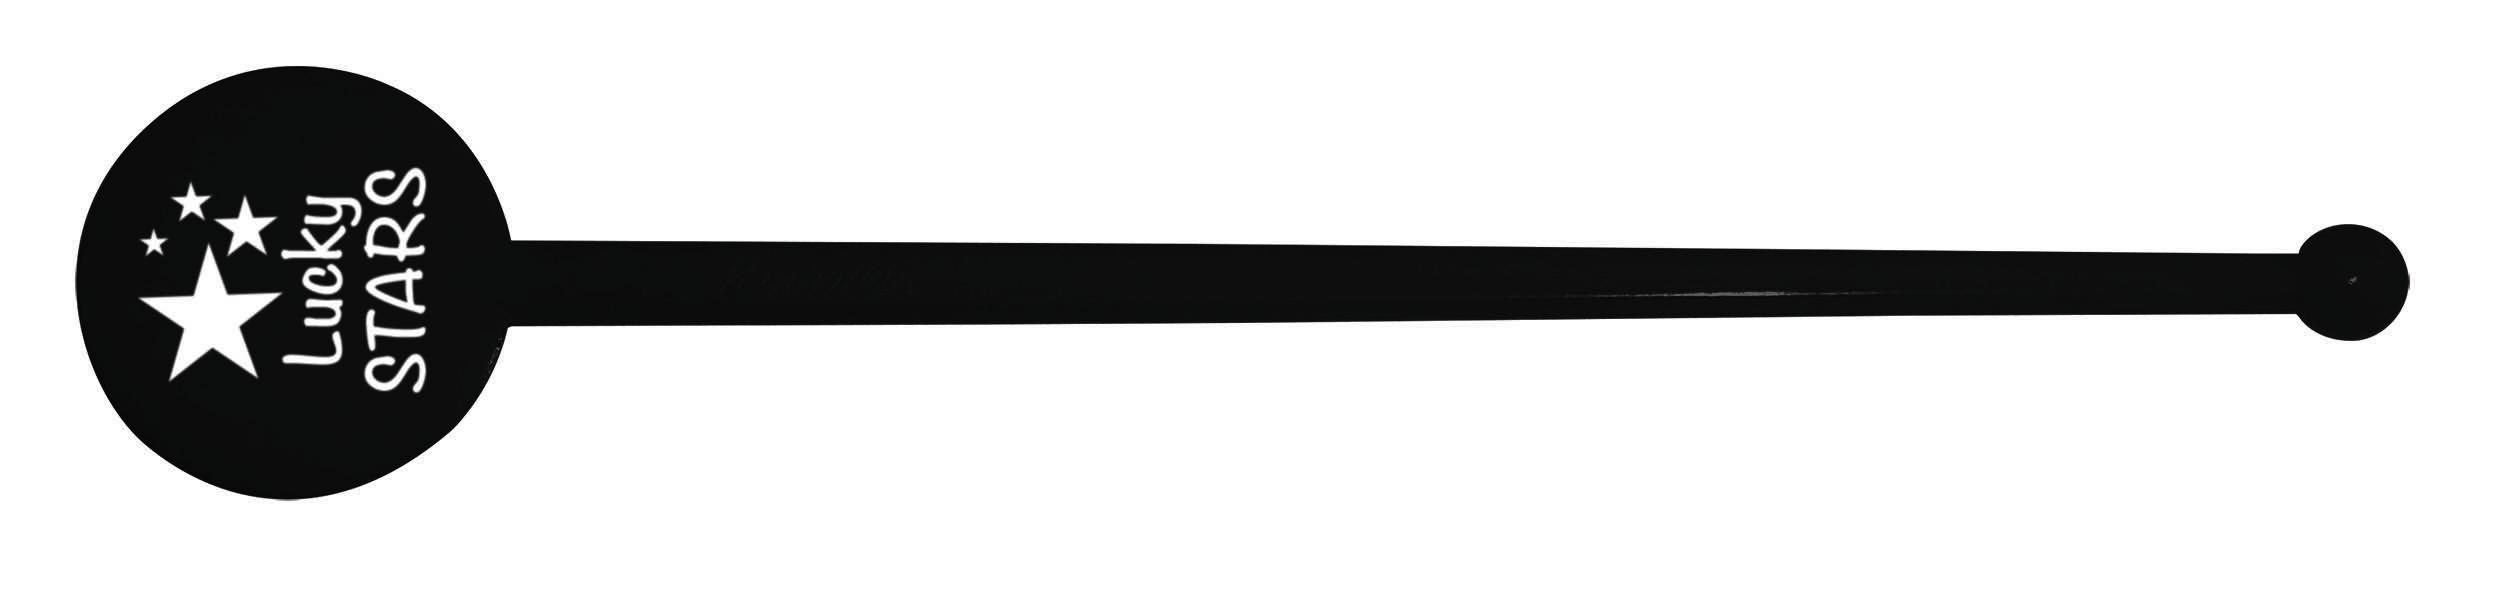 Batonnet a coktail VER004